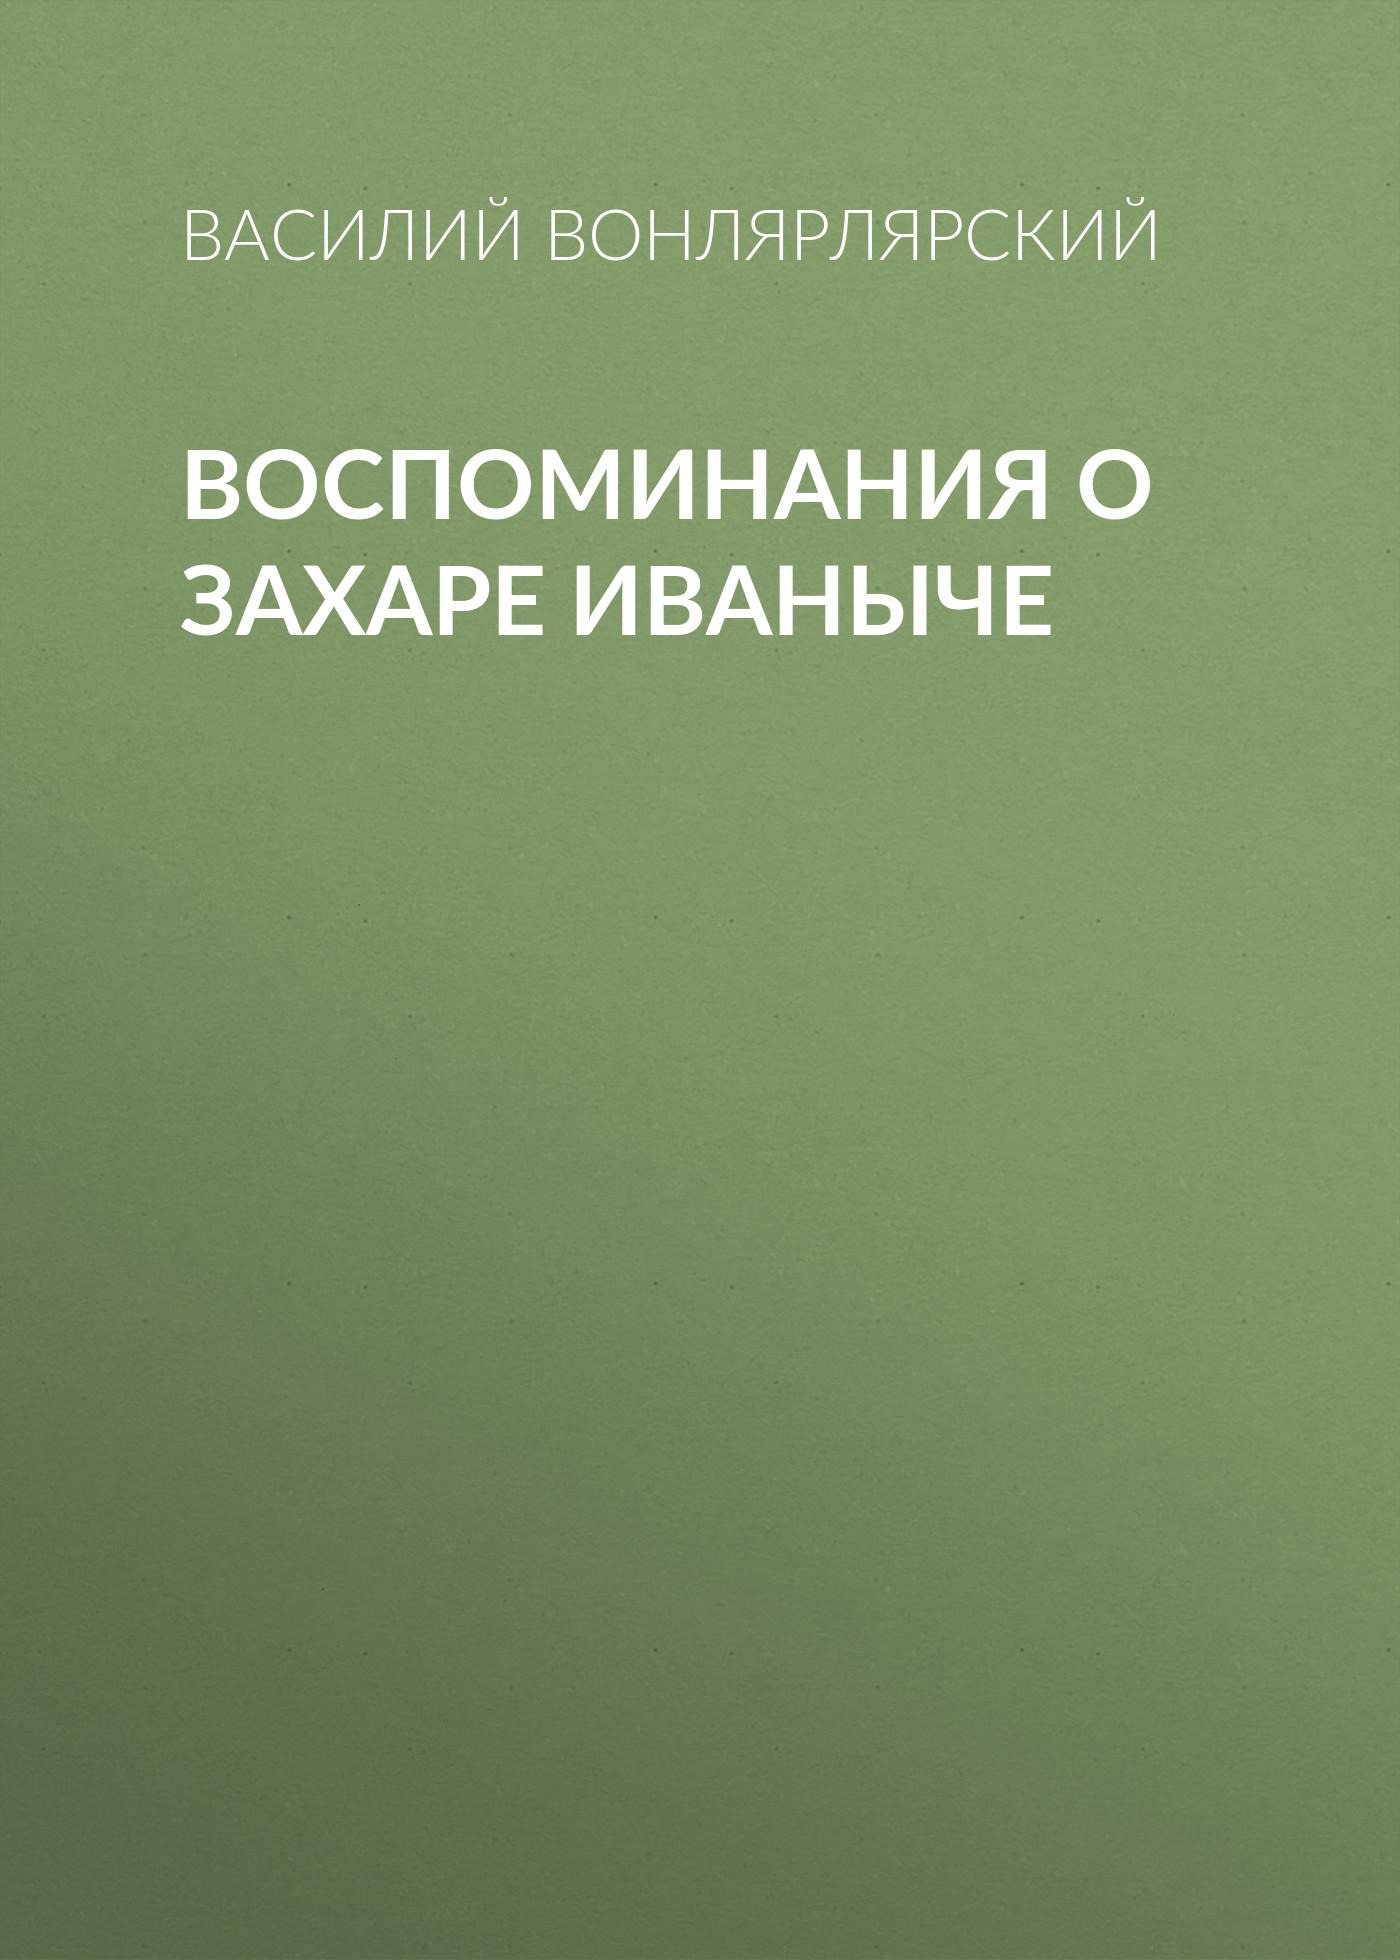 Купить книгу Воспоминания о Захаре Иваныче, автора Василия Вонлярлярского